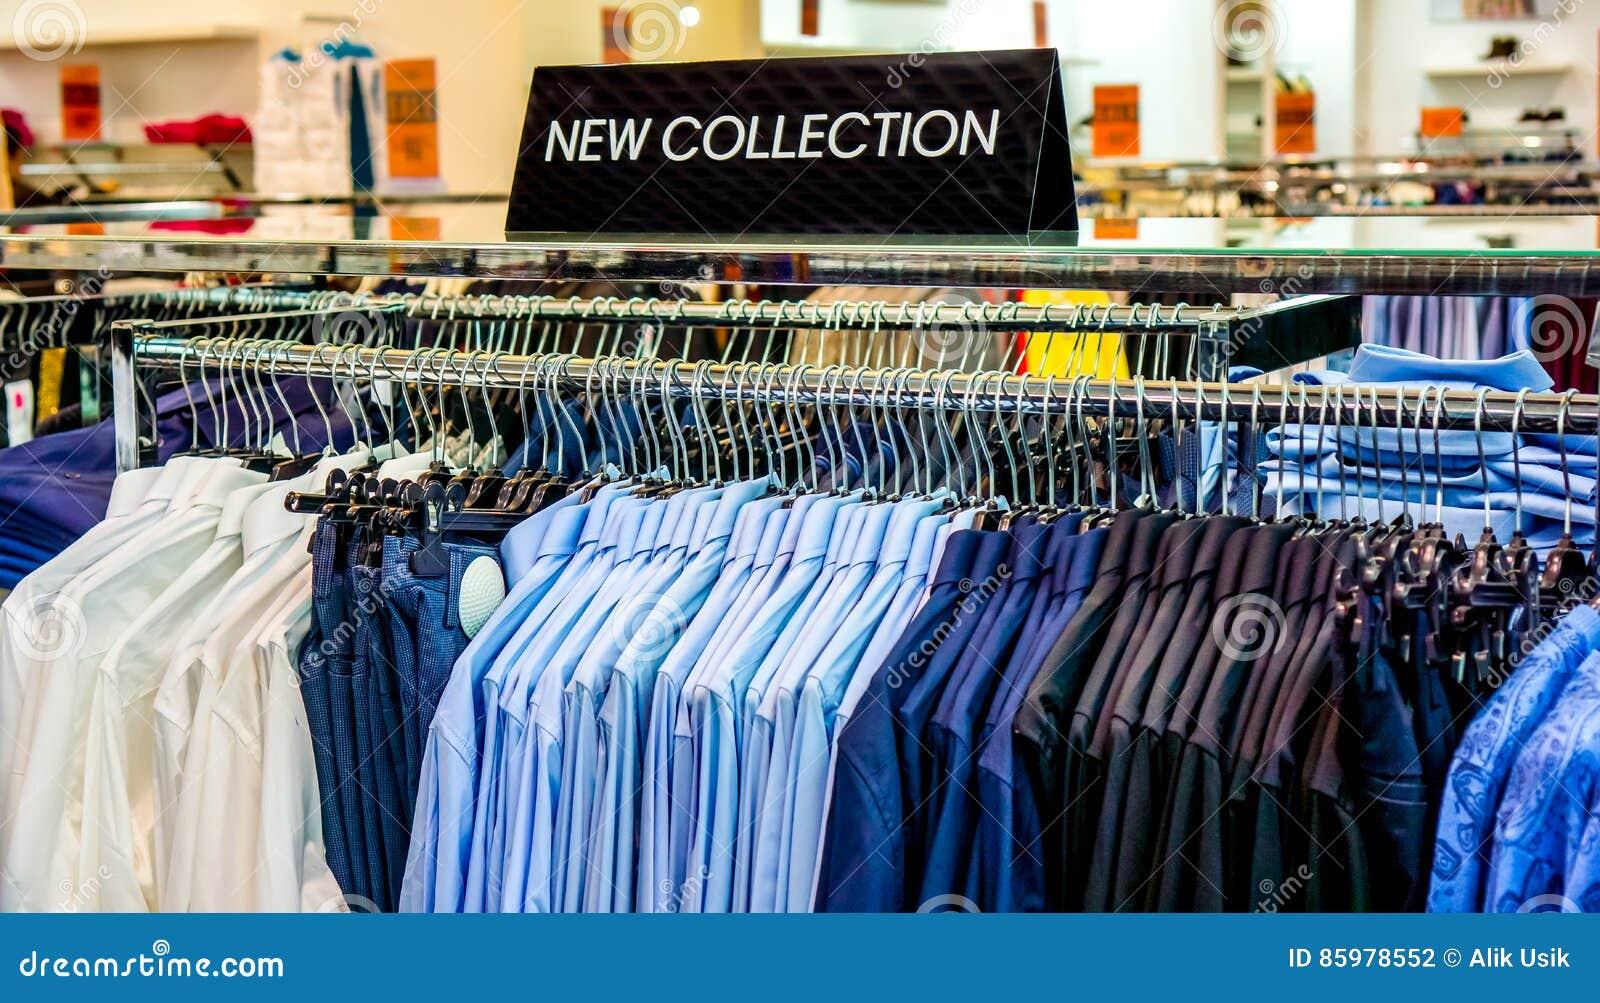 593c7ac5fc ... w błękitnych białego Burgundy kolorach co wieszał na wieszakach w dużym  sklepie kolekcja z talerzem w sklepie odzieżowym z szyldową NOWĄ kolekcją